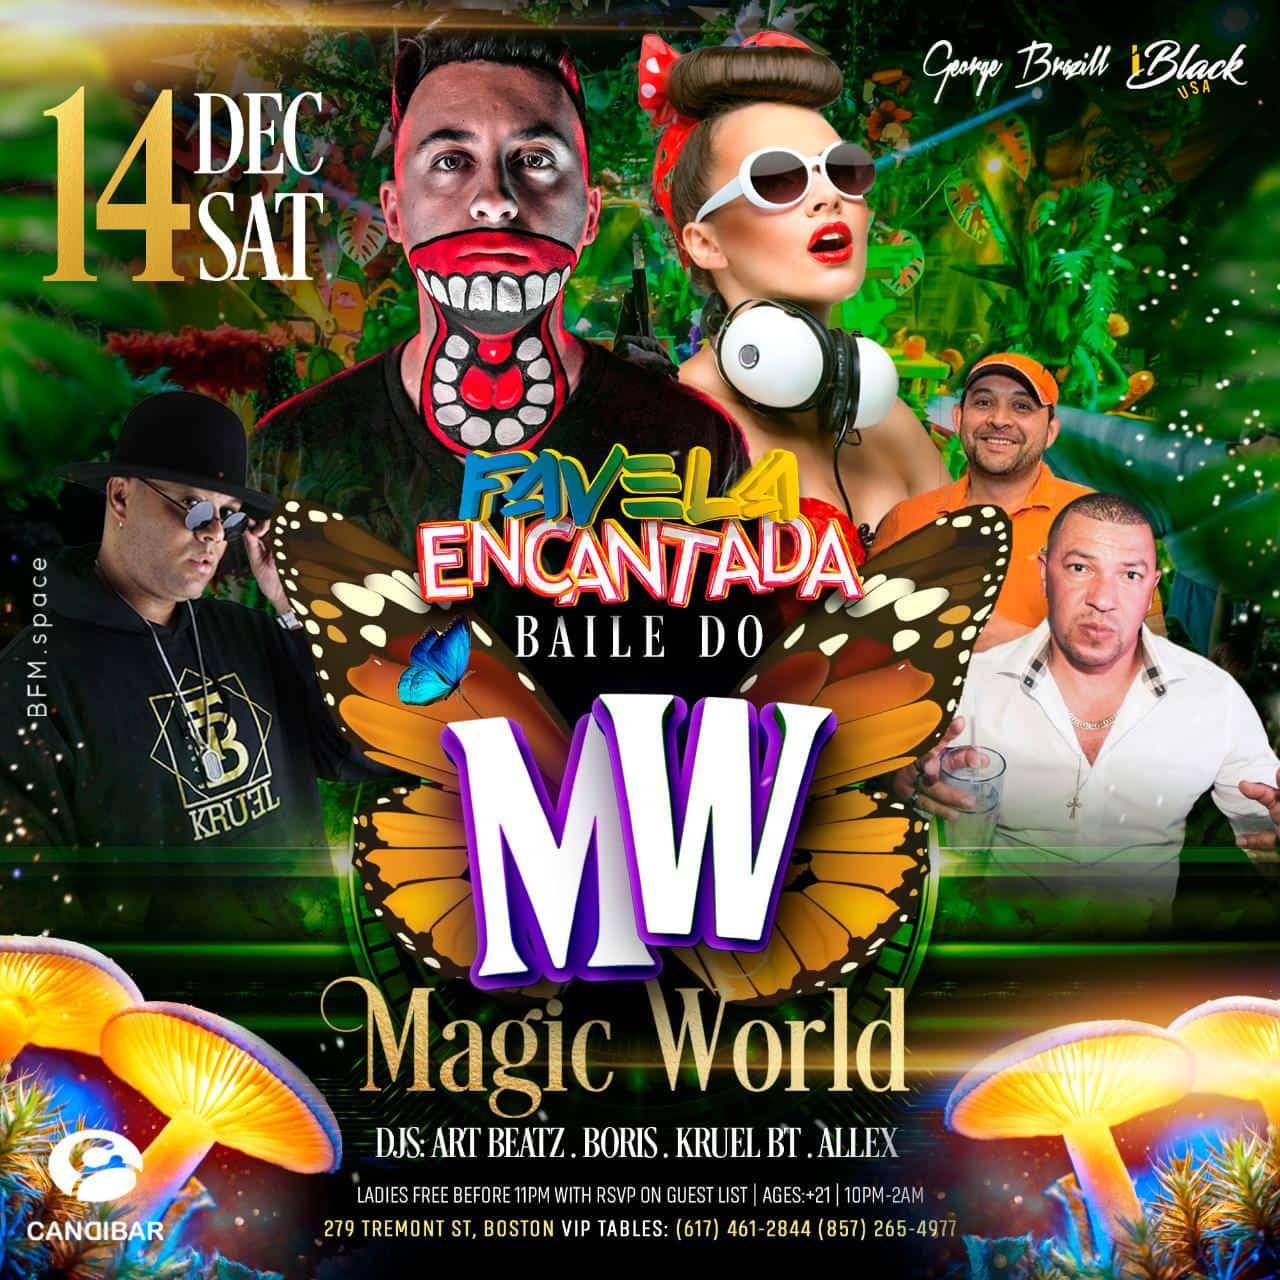 FAVELA ENCANTADA BAILE DO MAGIC WORLD 14 DEZ - CANDIBAR BOSTON | iBlackUSA